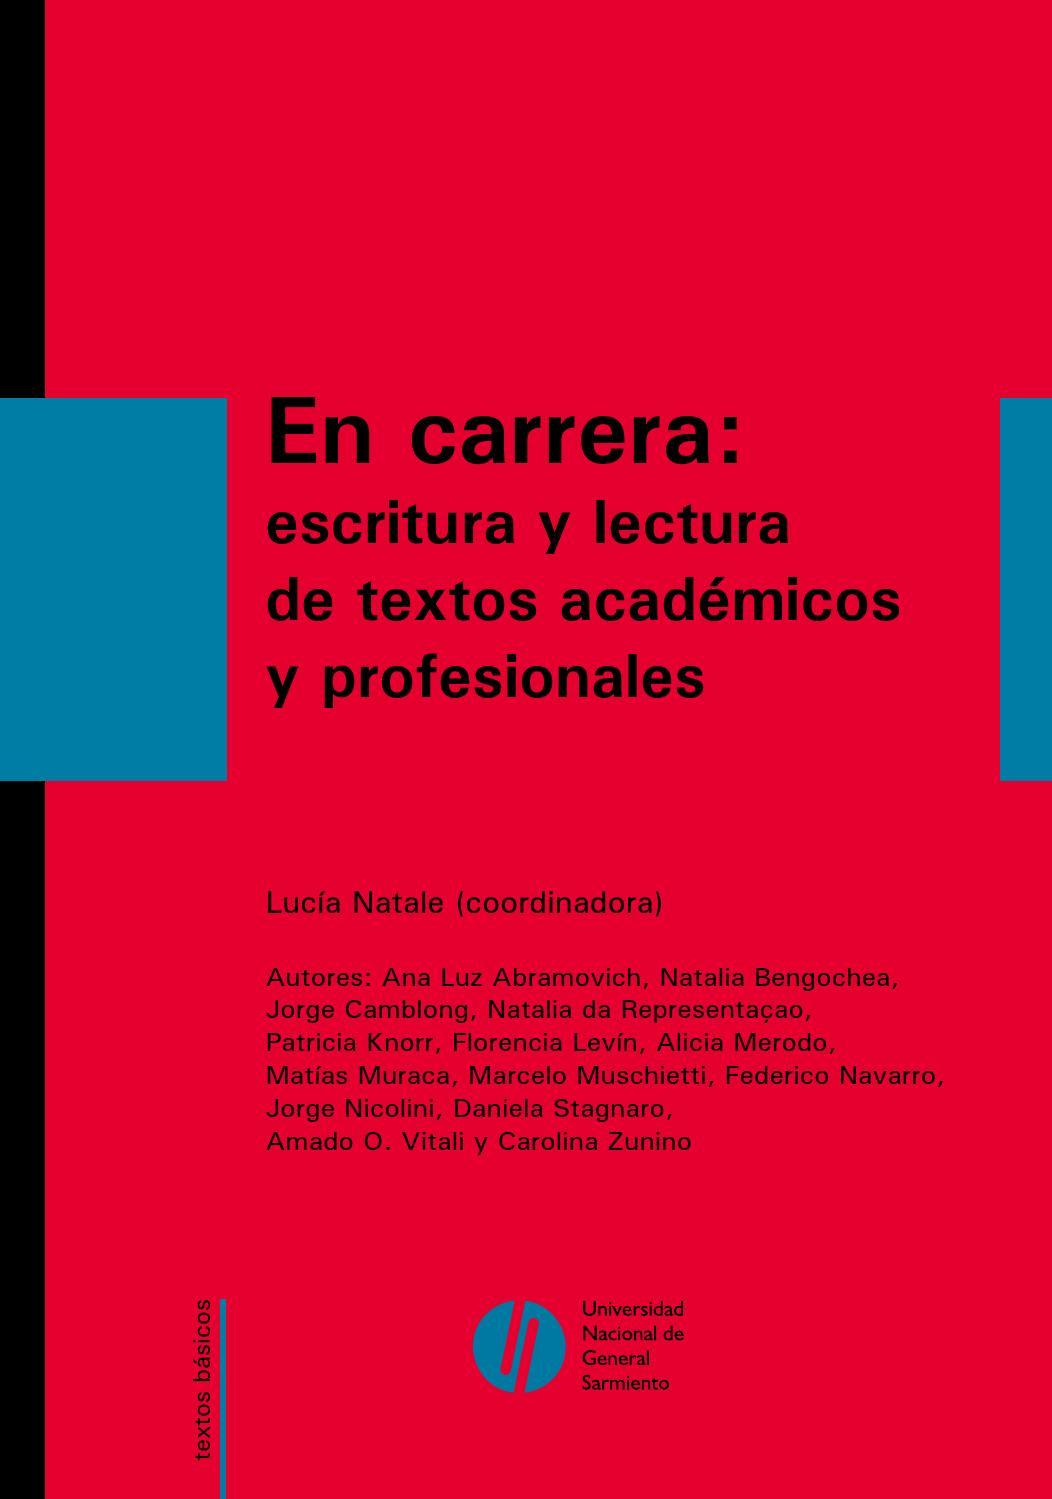 En carrera: escritura y lectura de textos académicos y ...